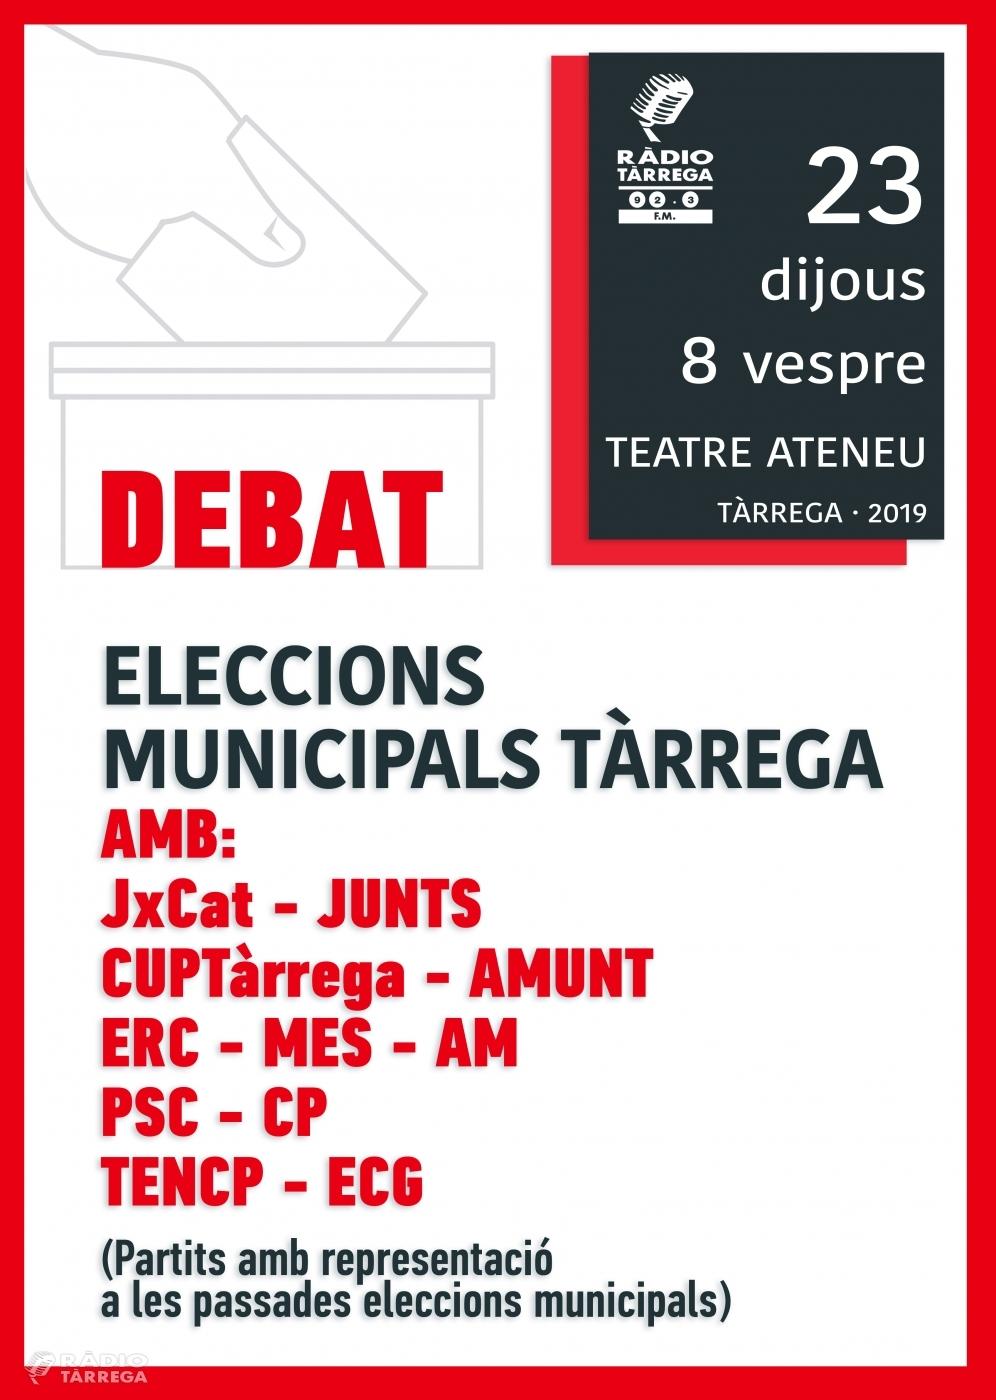 Ràdio Tàrrega organitza aquest proper dijous el debat de les eleccions municipals 2019 al Teatre Ateneu